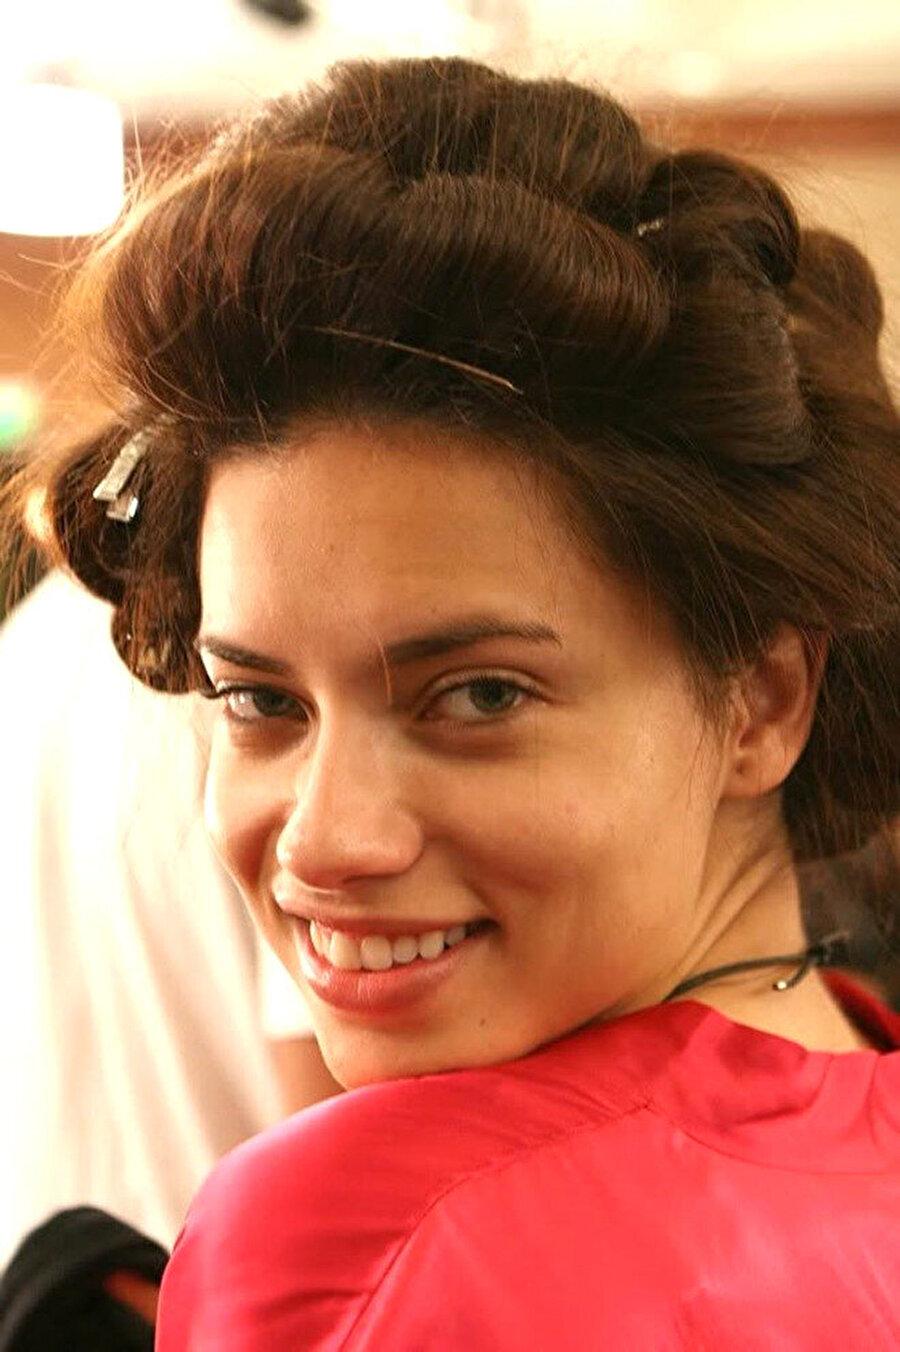 İşte makyajsız Adriana!                                      Ekranların sevilen ismi dünyaca ünlü Adriana Lima'nın makyajsız halini görenler, tanımakta zorlandı.